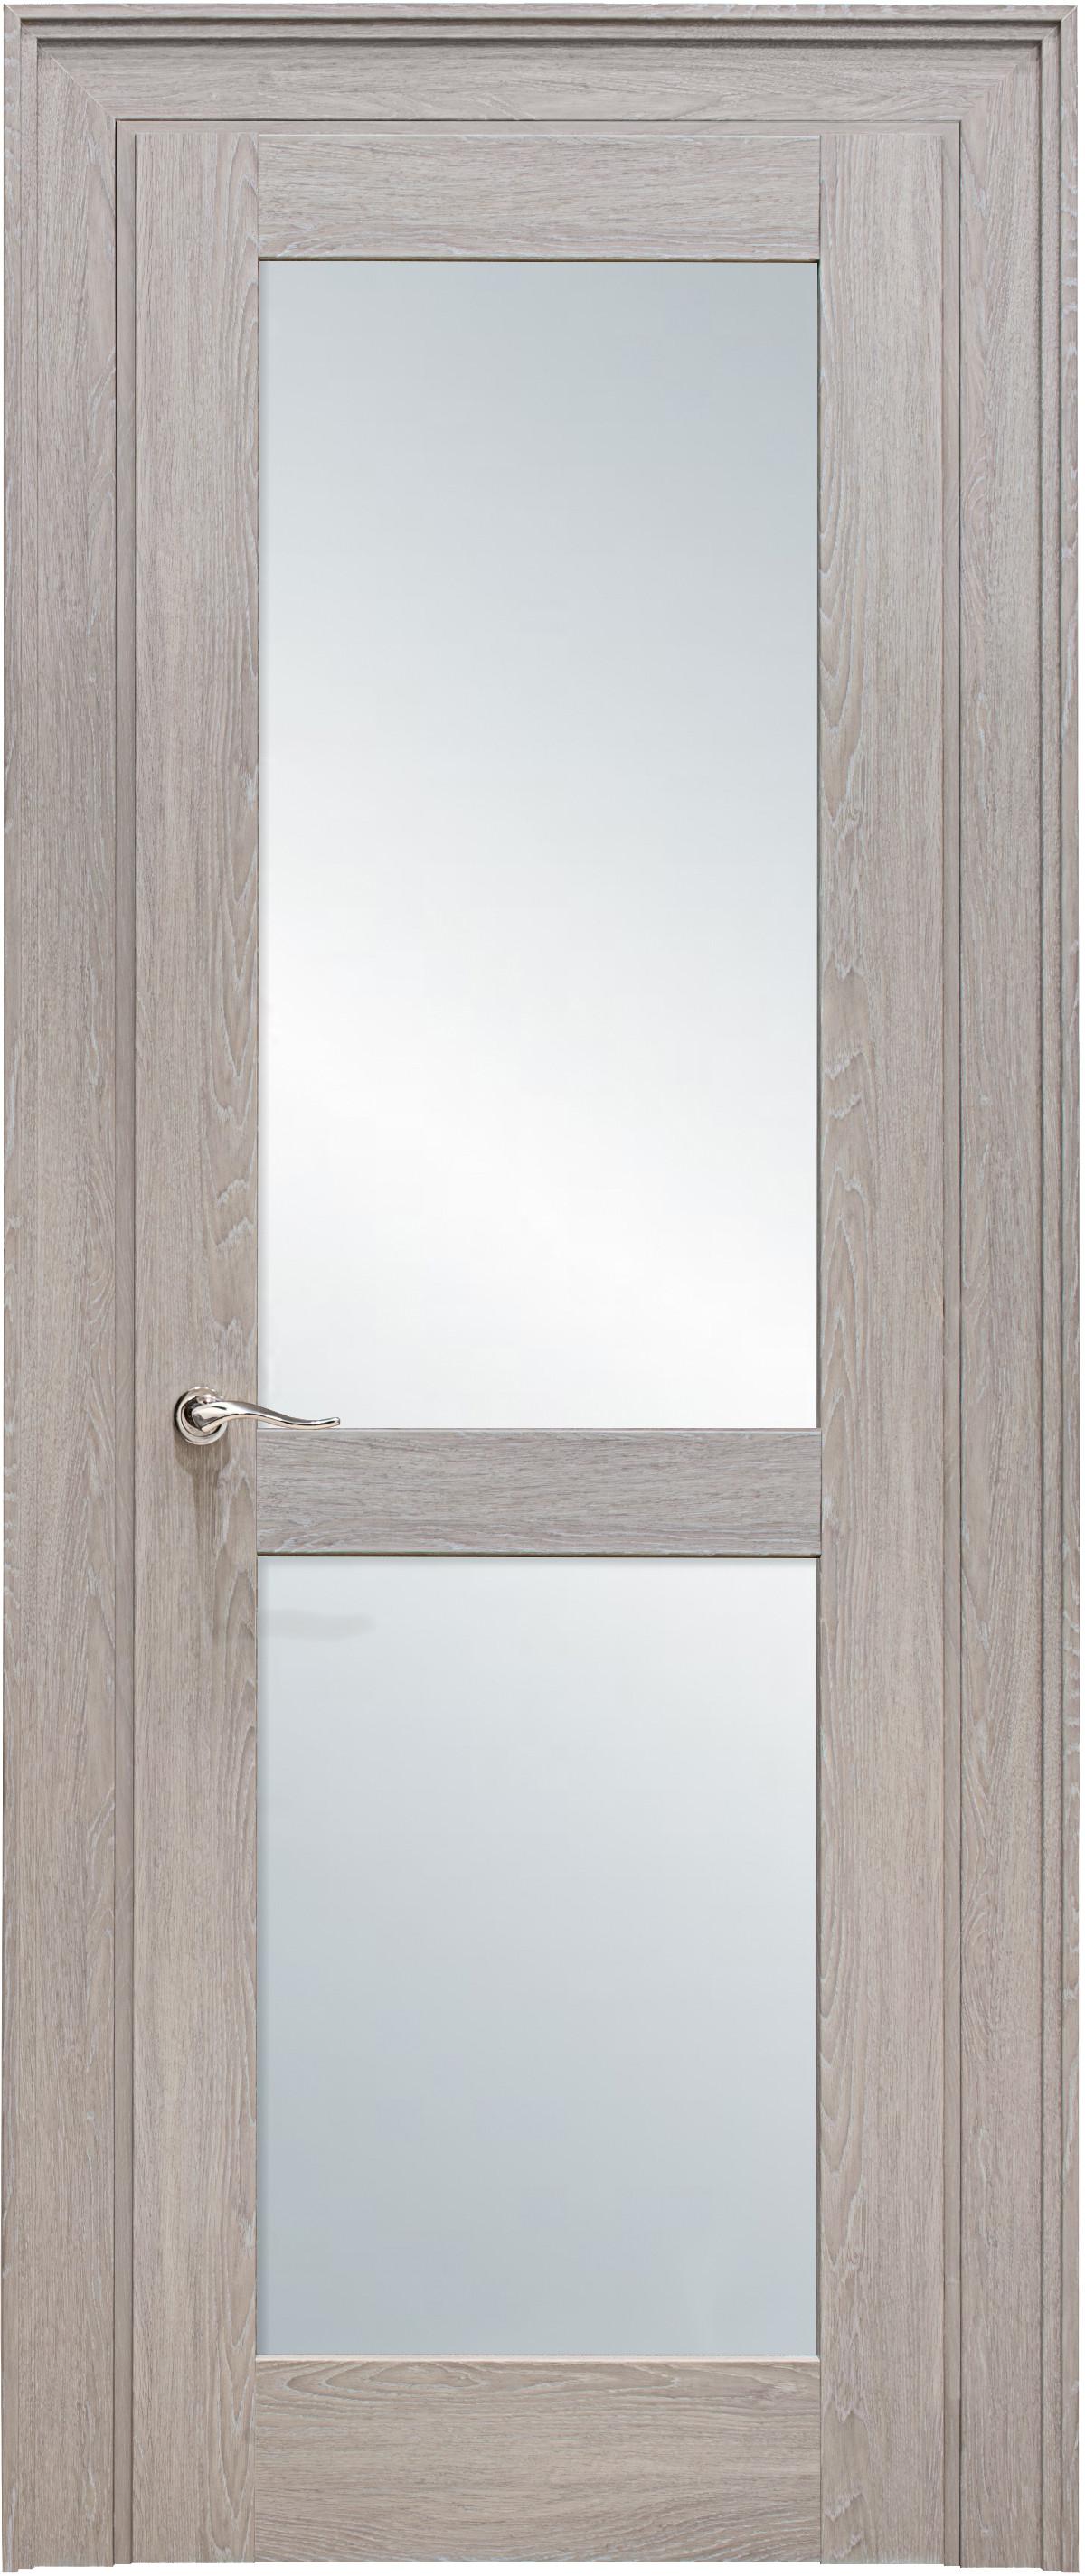 Межкомнатная / входная дверь, отделка: экошпон ДУБ DECAPE, Solo Classic 2S-2